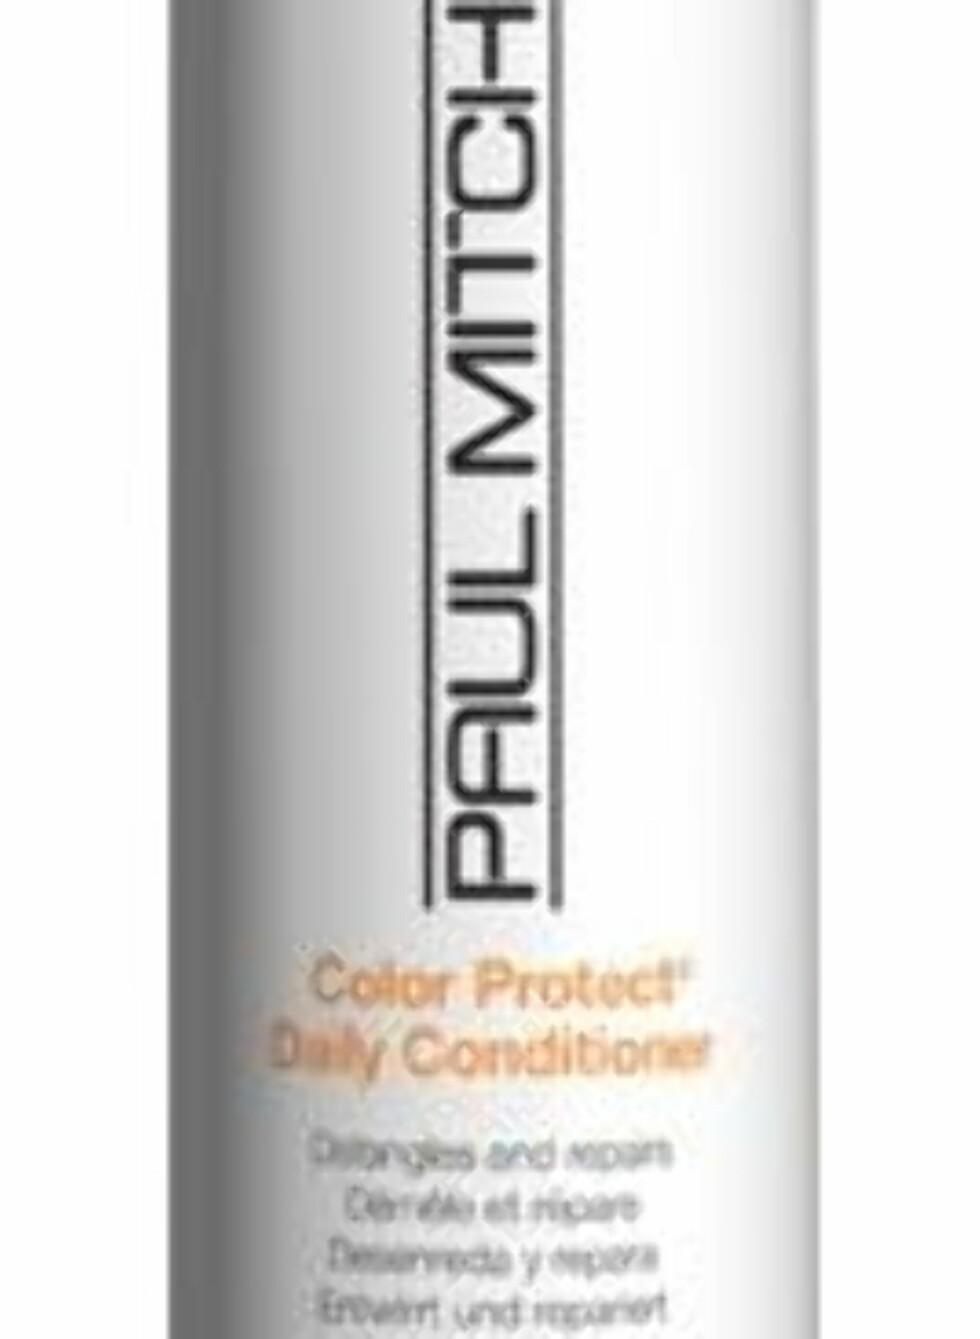 Paul Mitchell Color Protect Daily Conditioner er flokeløsende og reparerende, samtidig som det inneholder både UVA- og UVB-beskyttelse og dermed forebygger solbleking av farget hår, veil. kr 244. Foto: Produsenten